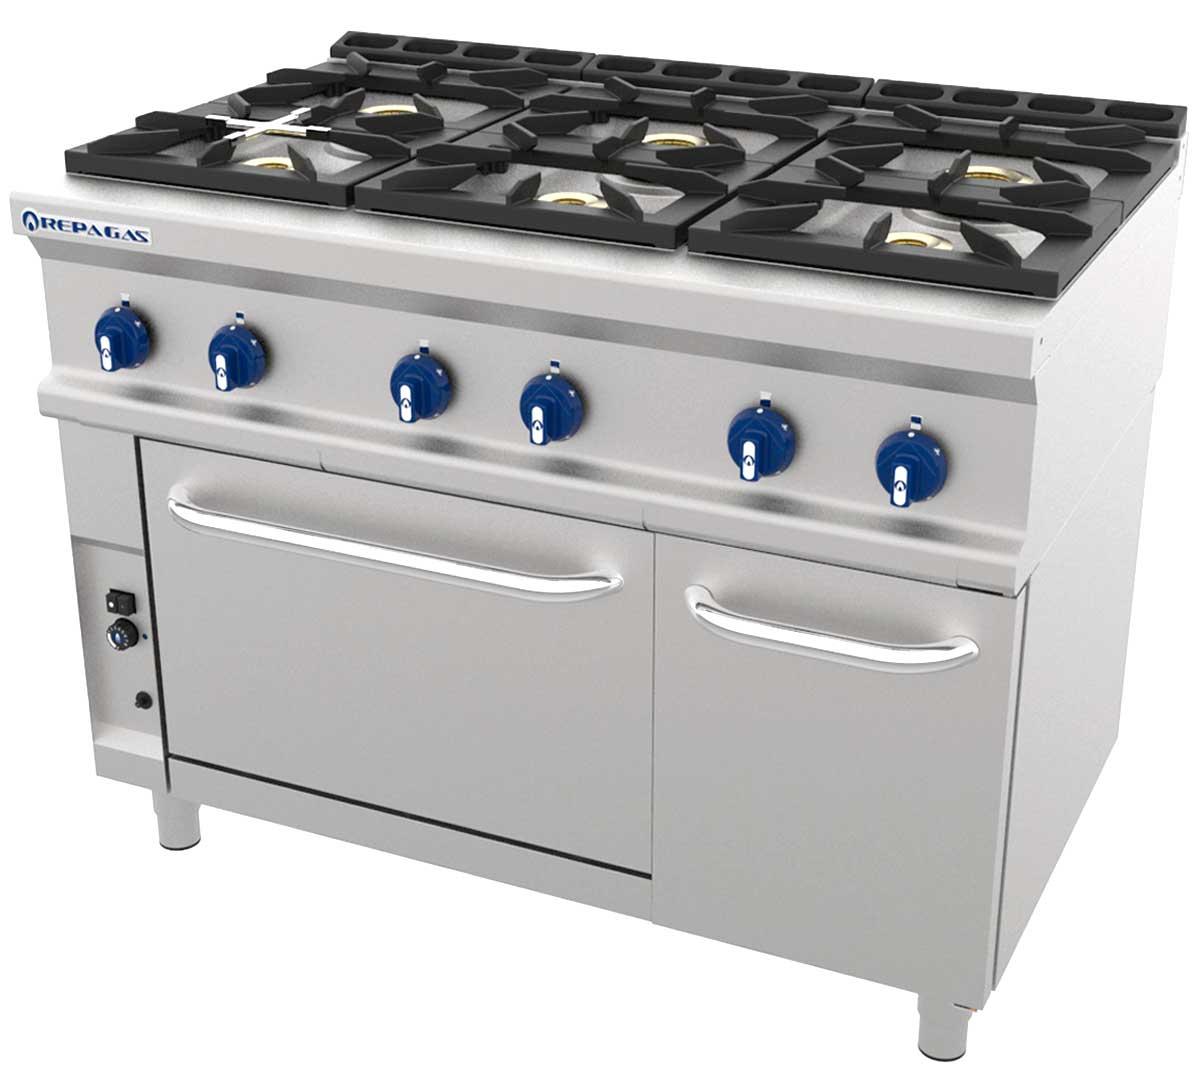 Cocina repagas serie 750 cg horno - Fogones a gas ...